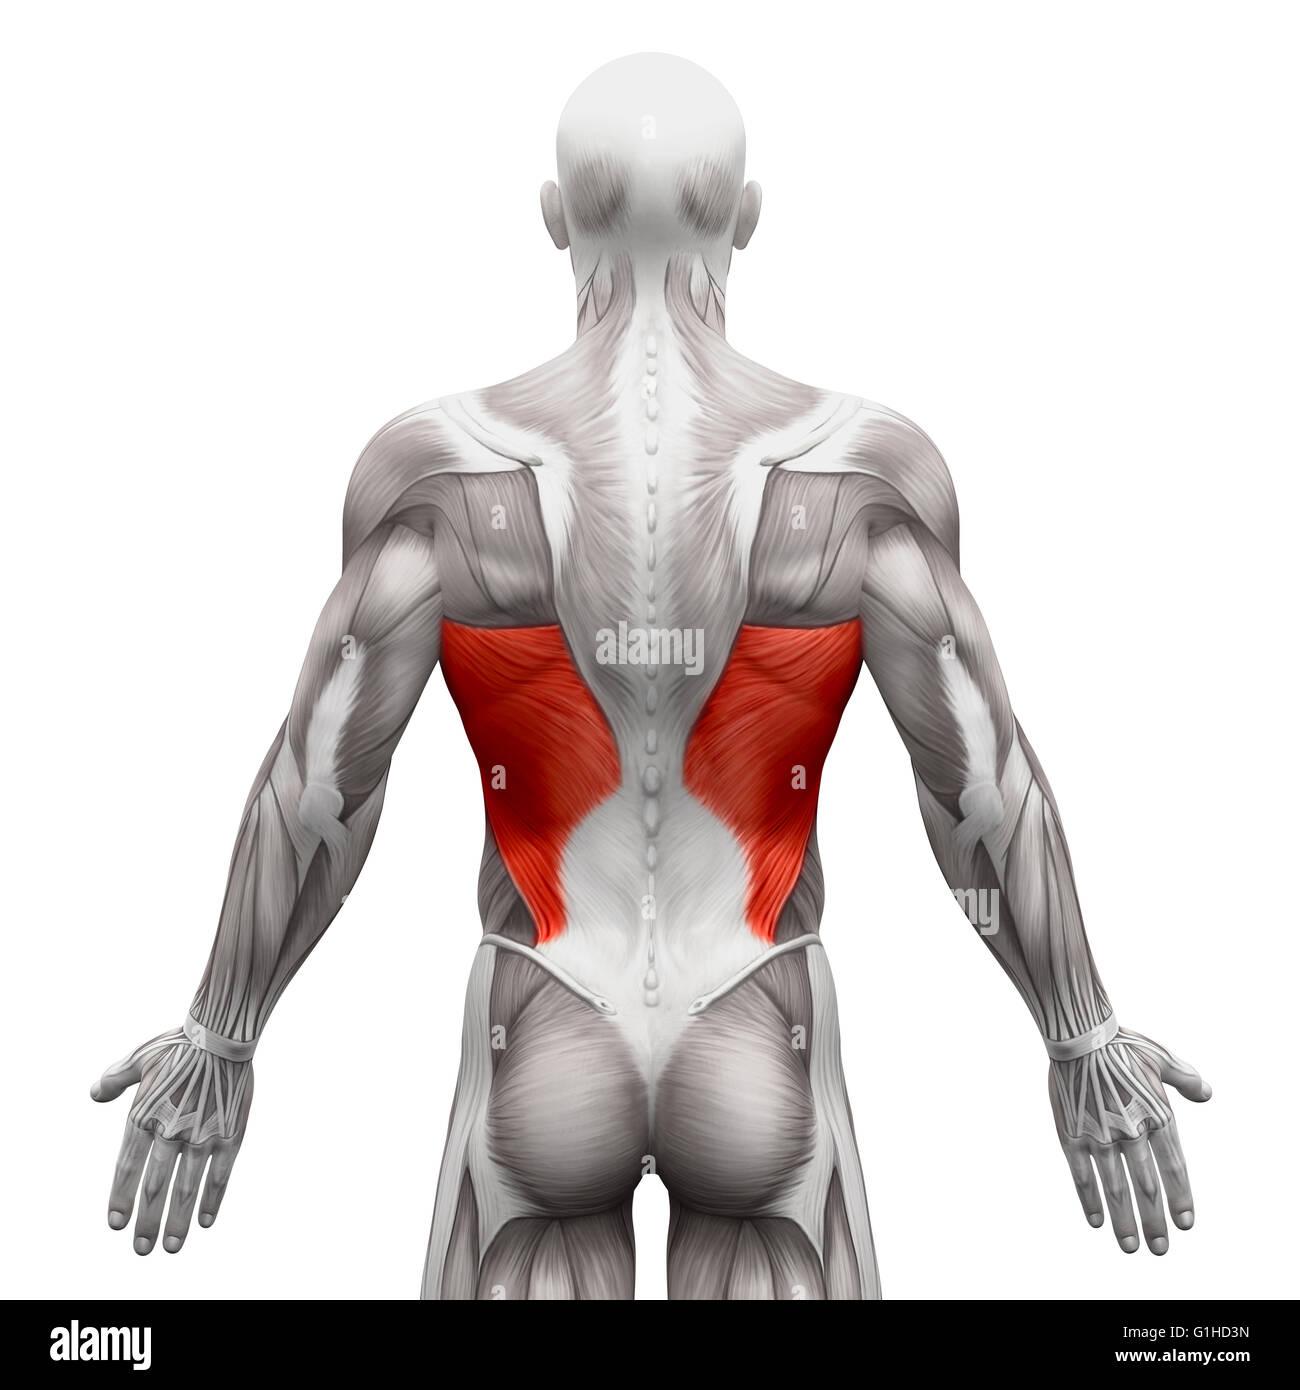 Gemütlich Muskeln Oberkörper Ideen - Menschliche Anatomie Bilder ...